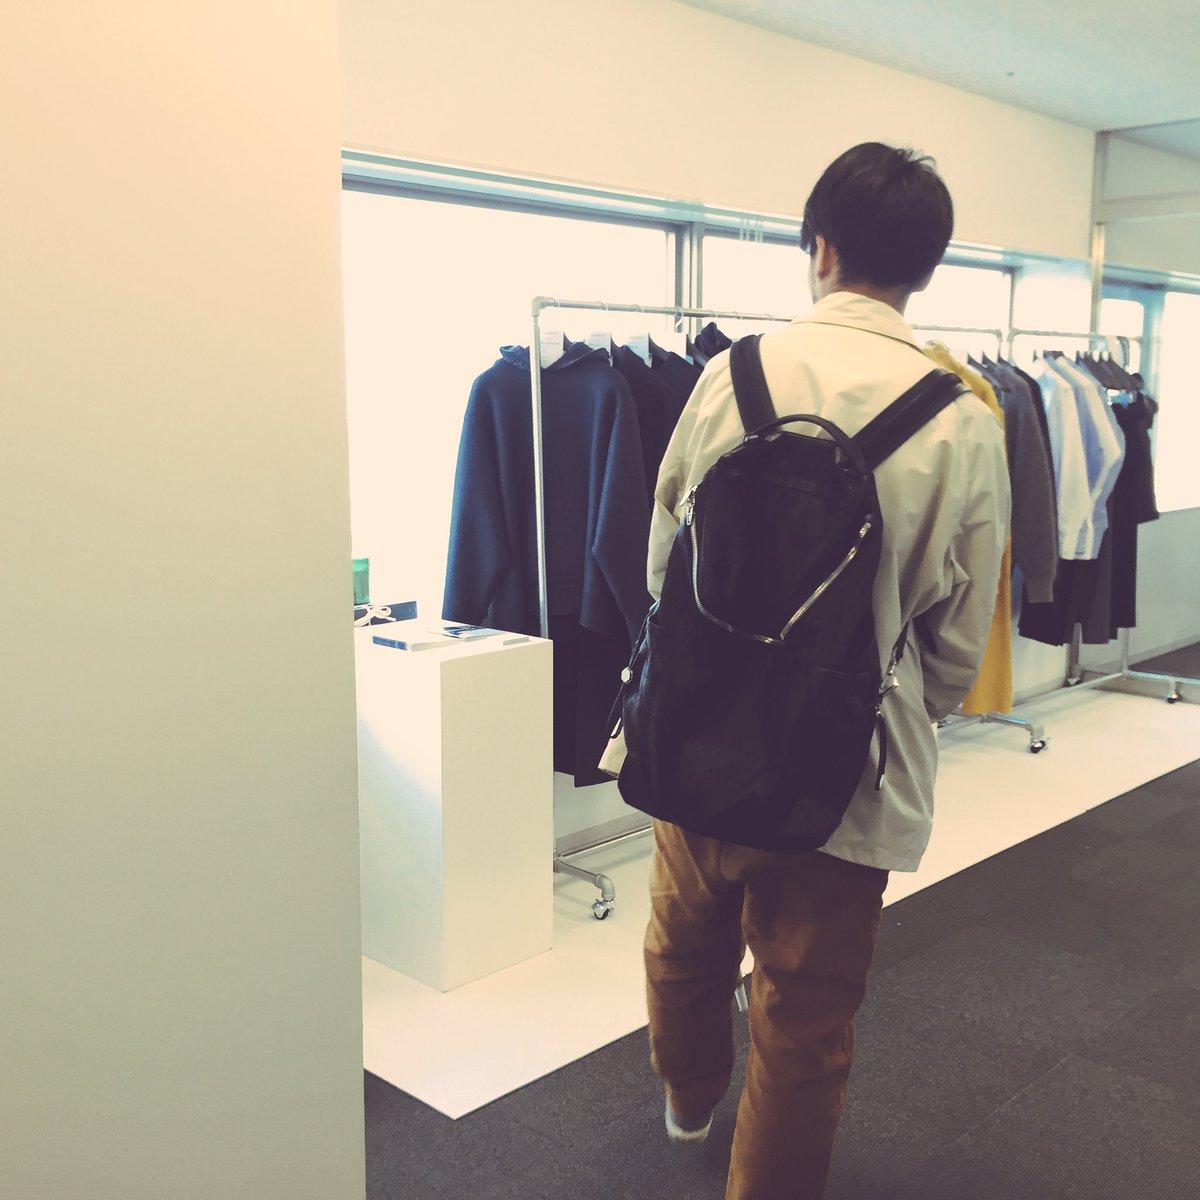 人生初めての展示会行ってきました! 「アウケンリエヴ」デザイナーさんの俵山さんと^ ^  前回のカレンダーイベントでも 衣装使わせていただいてたんです!!  最後の写真はスタイリストの兄貴w